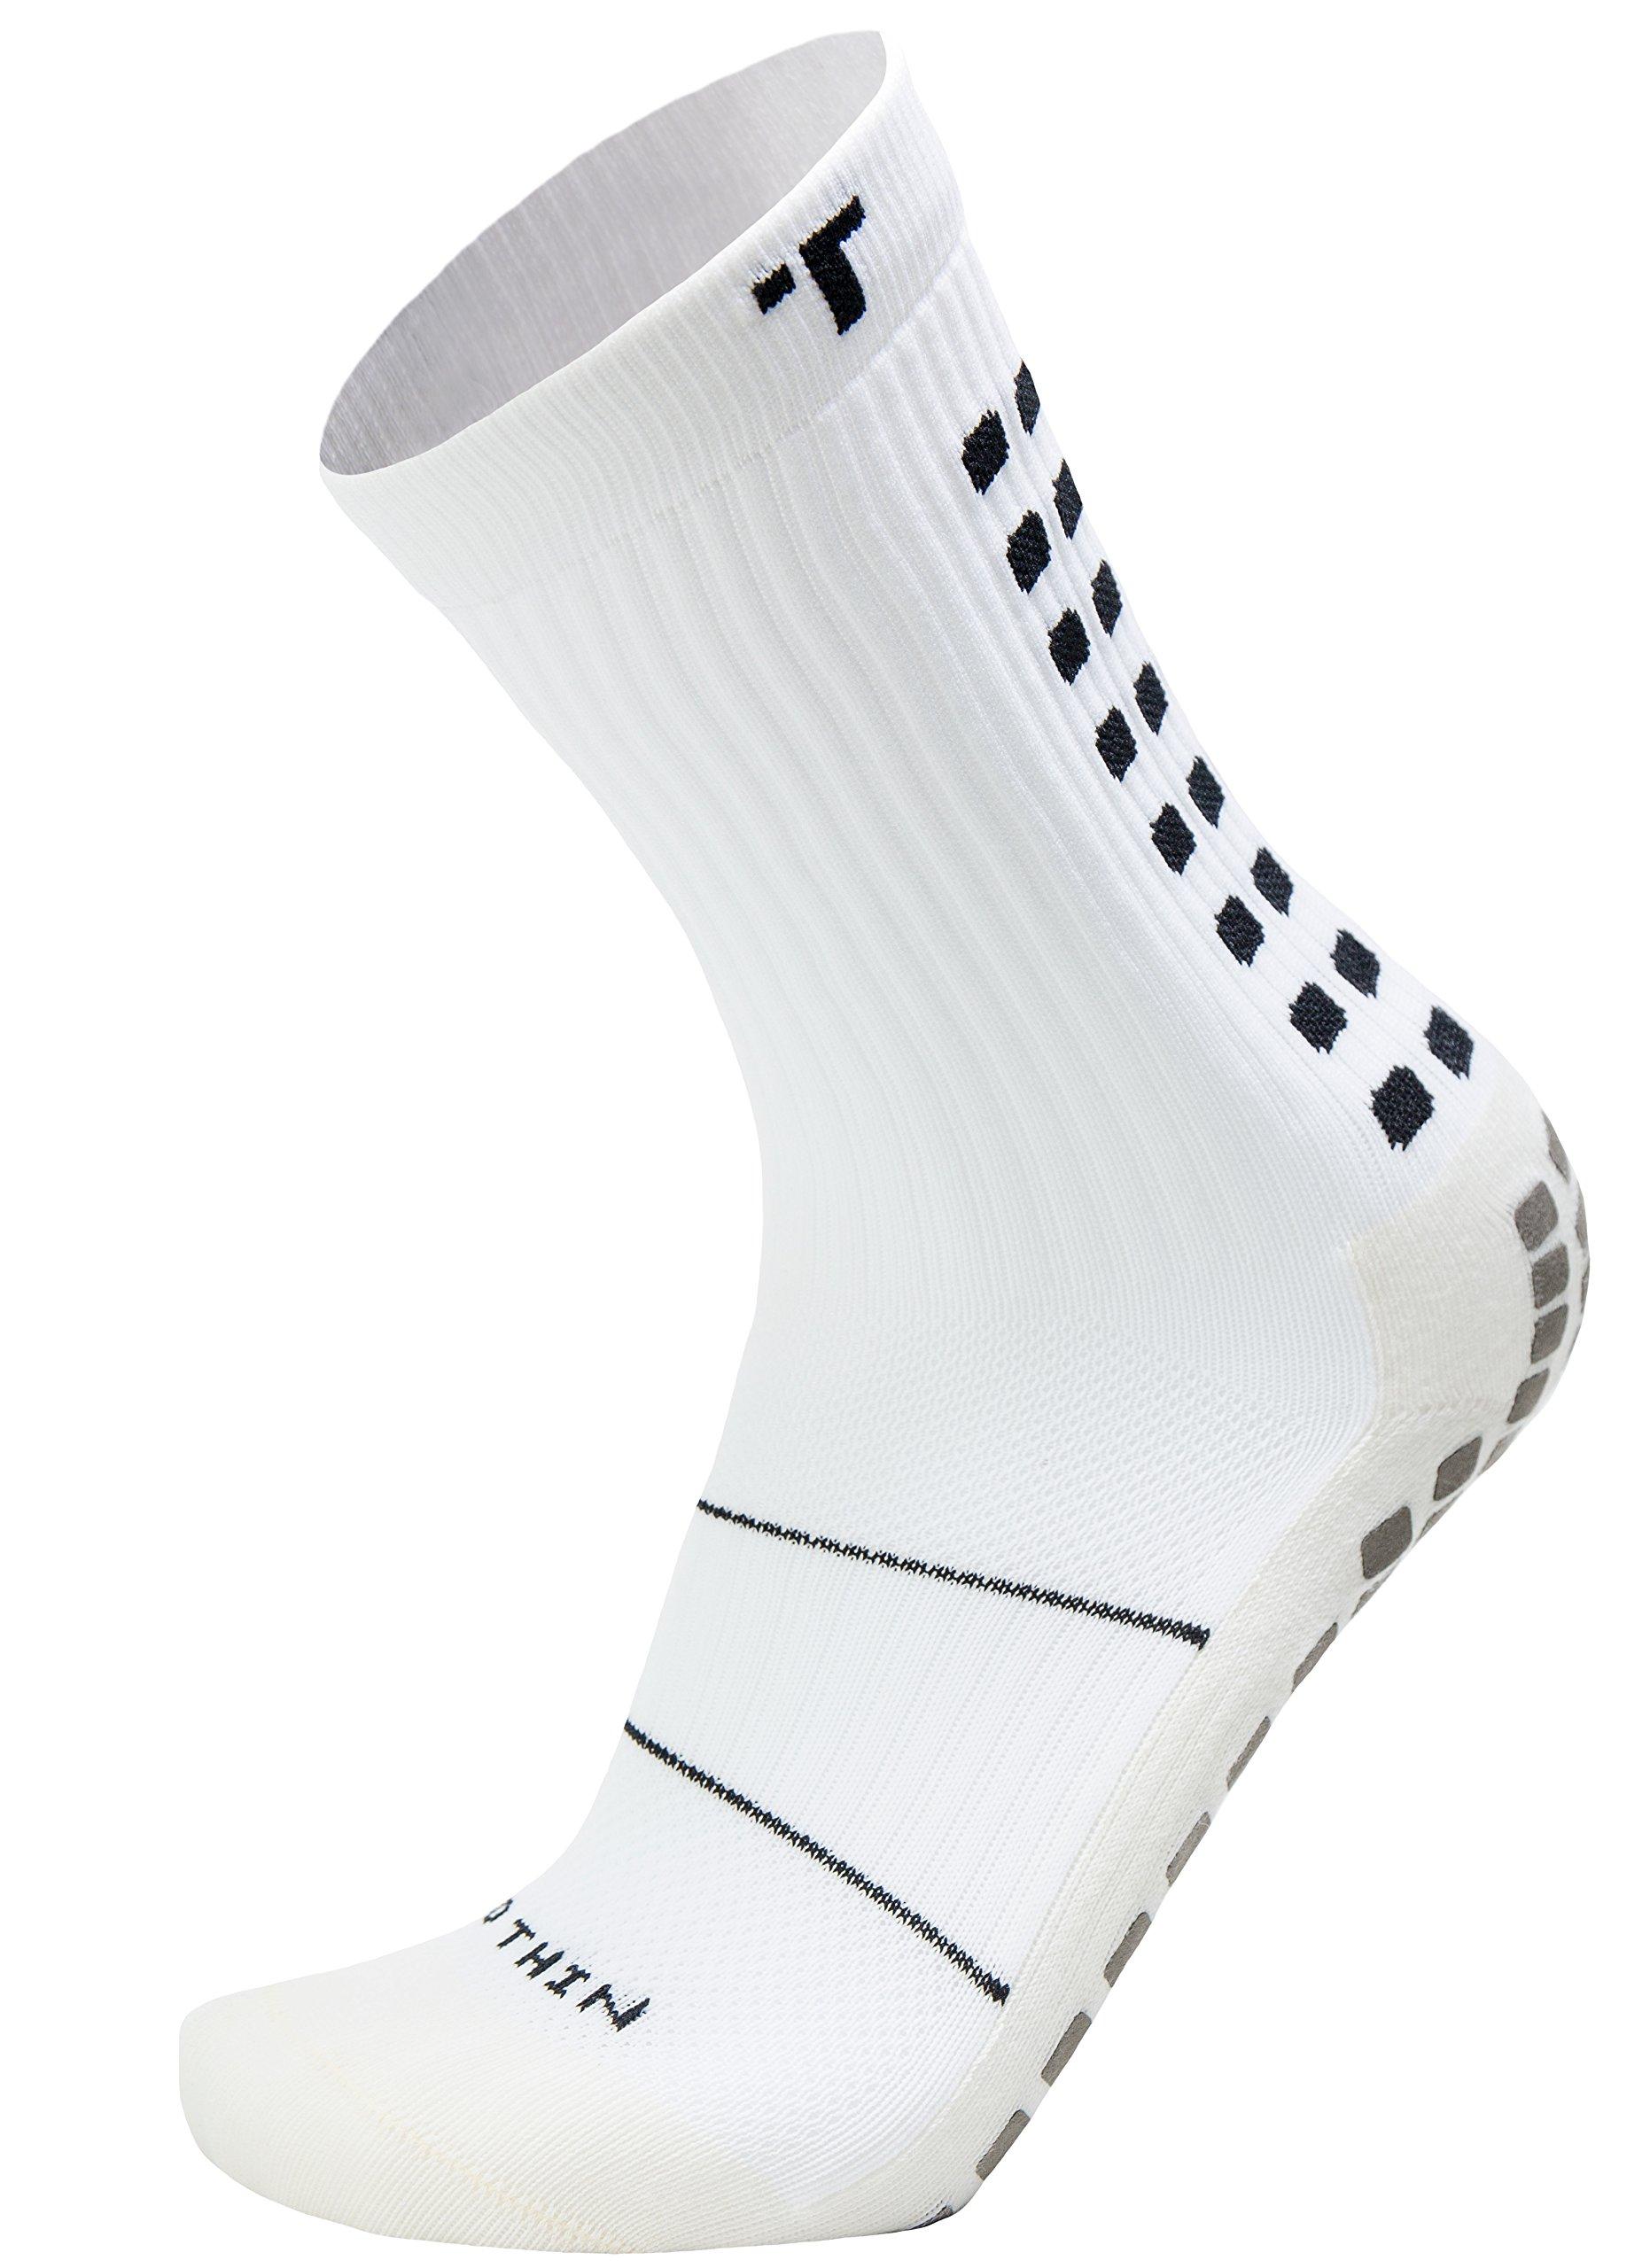 21f700ffe149 Galleon - Trusox Mid-Calf Crew Thin Soccer Sock (Small) White